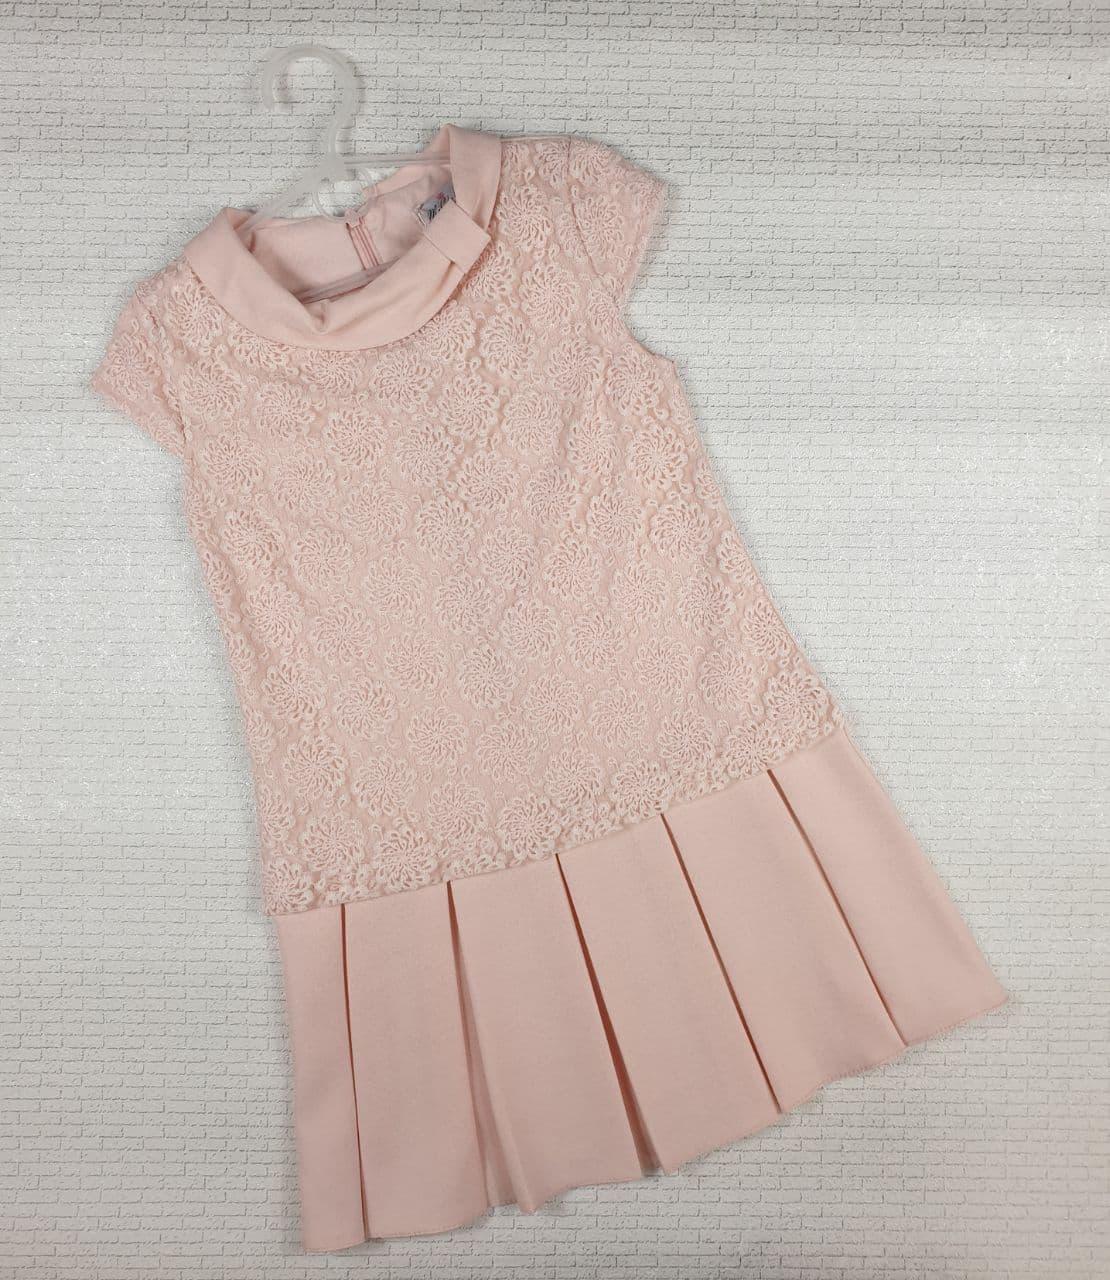 Нарядное платье на девочку 134, 140, 146 см, персиковый